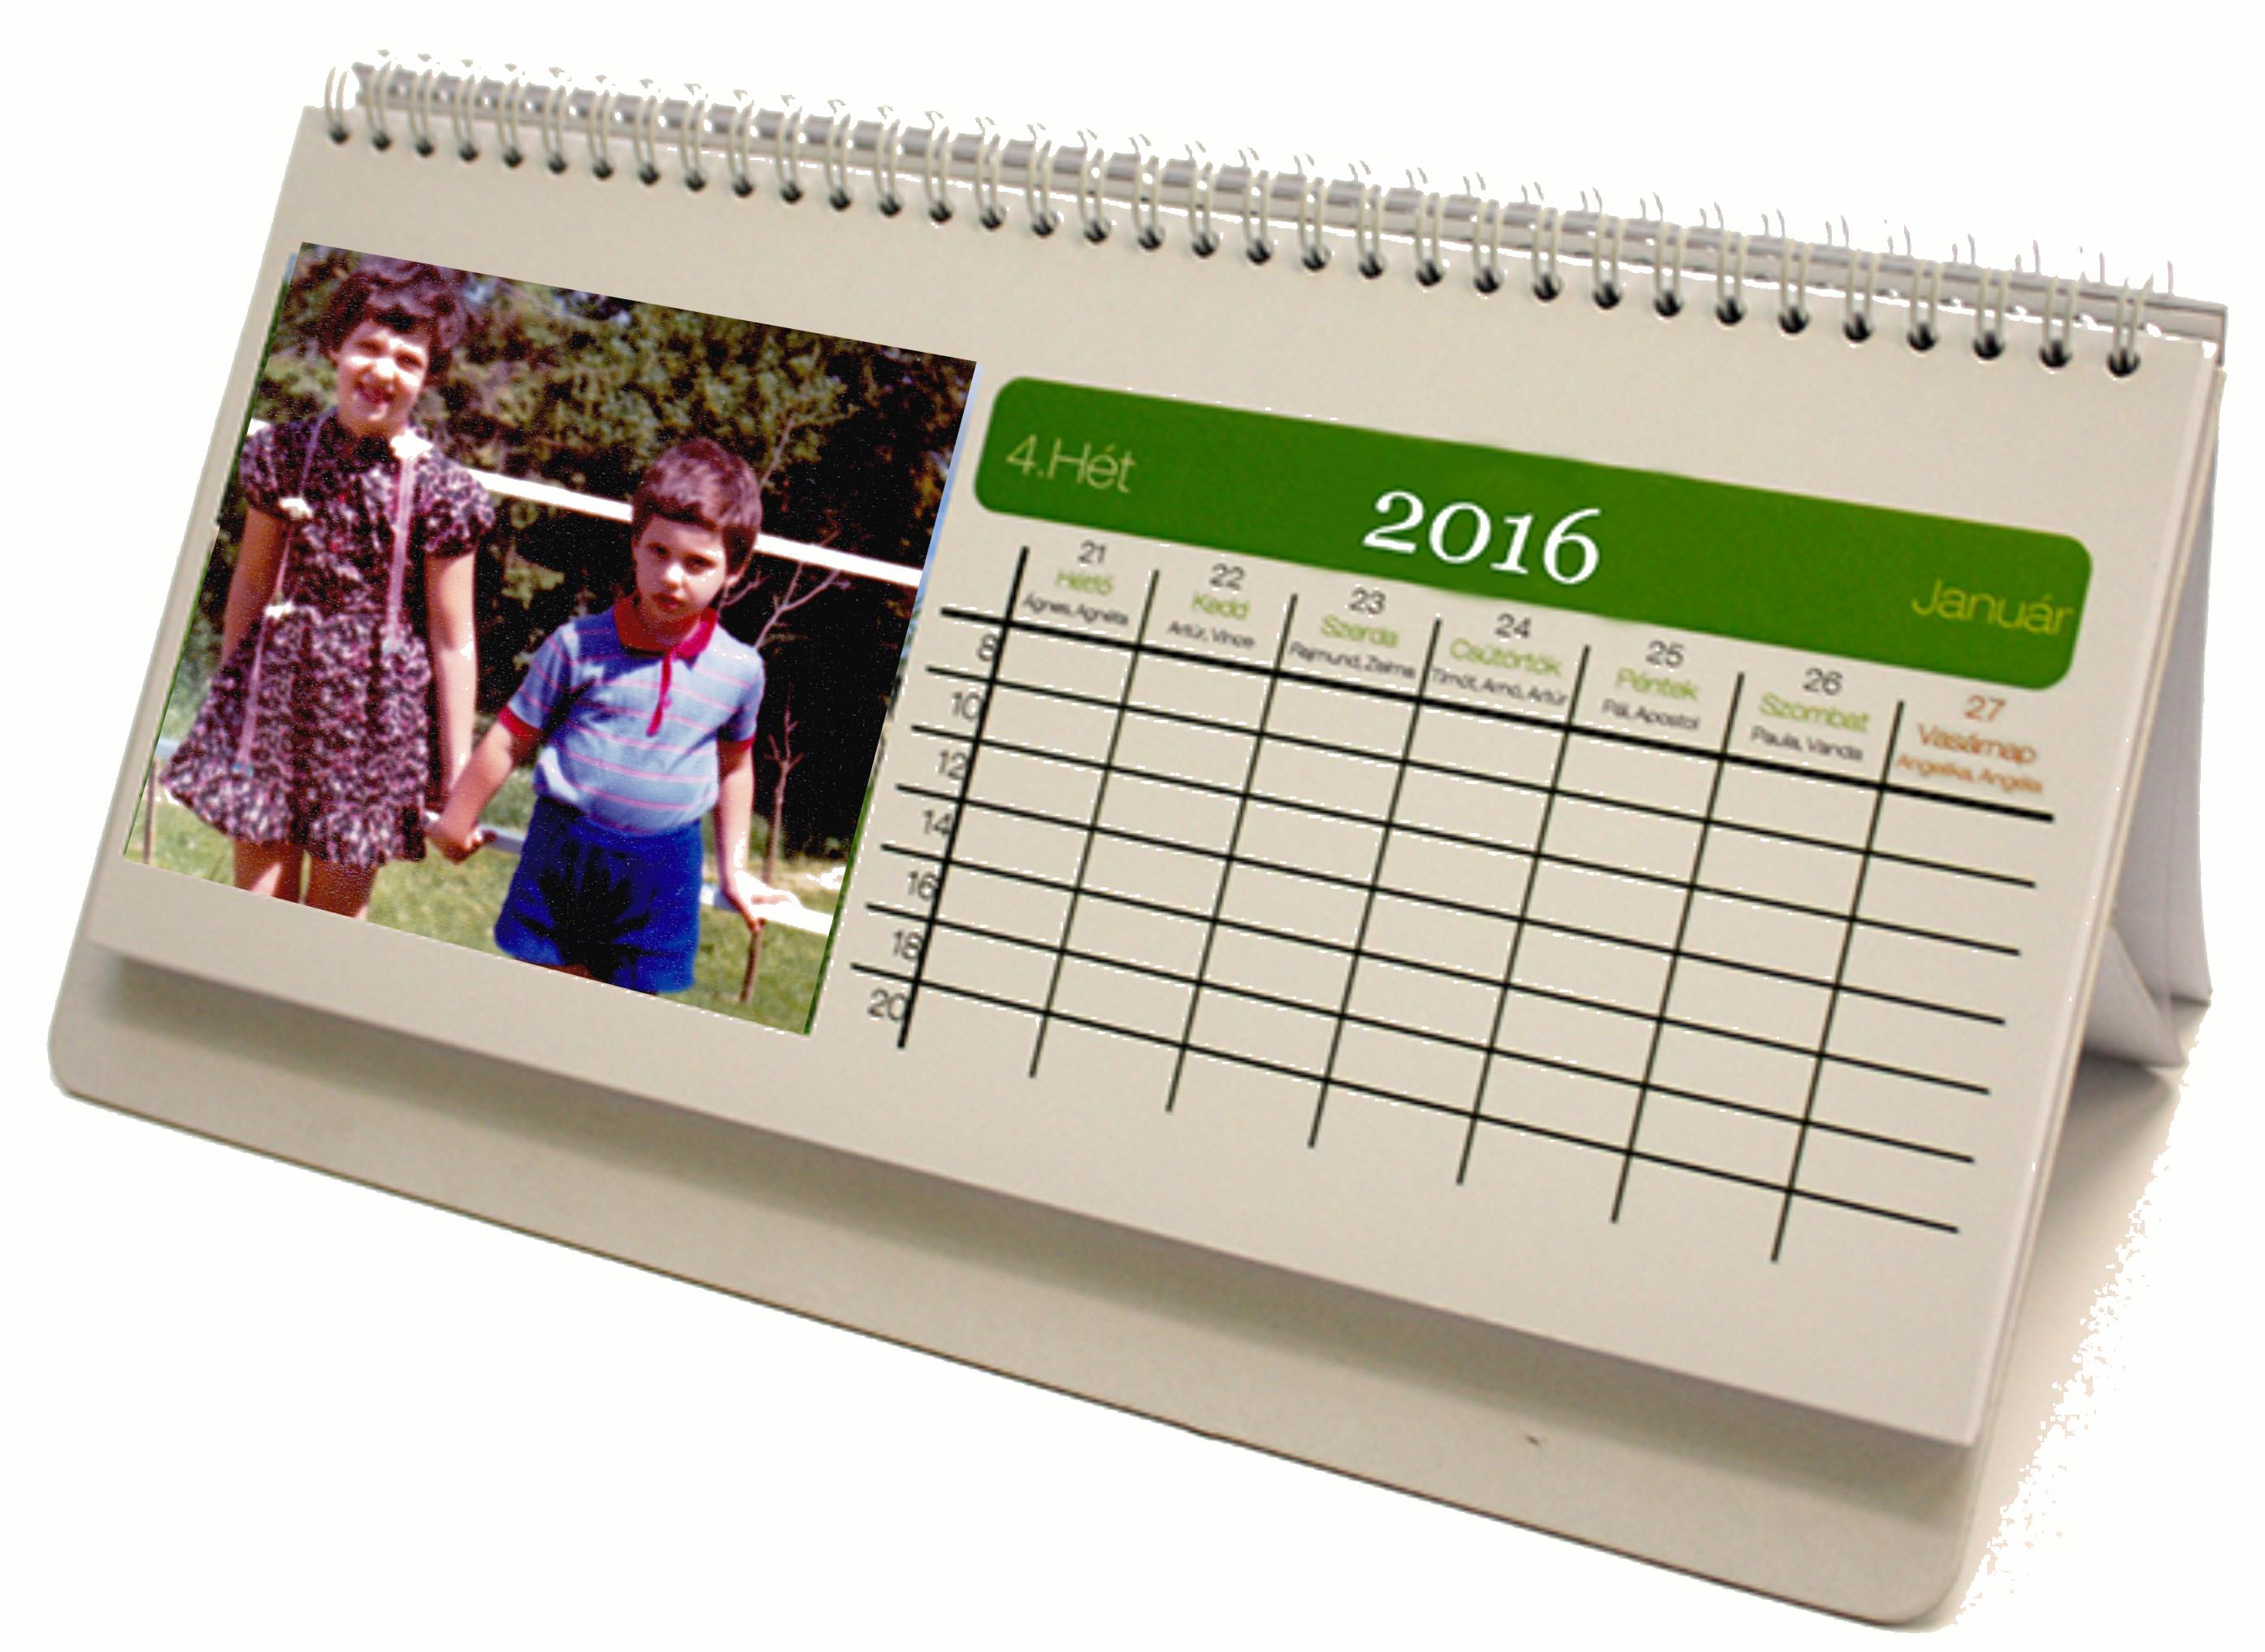 52 lapos naptár Új 53 lapos asztali naptár 52 lapos naptár